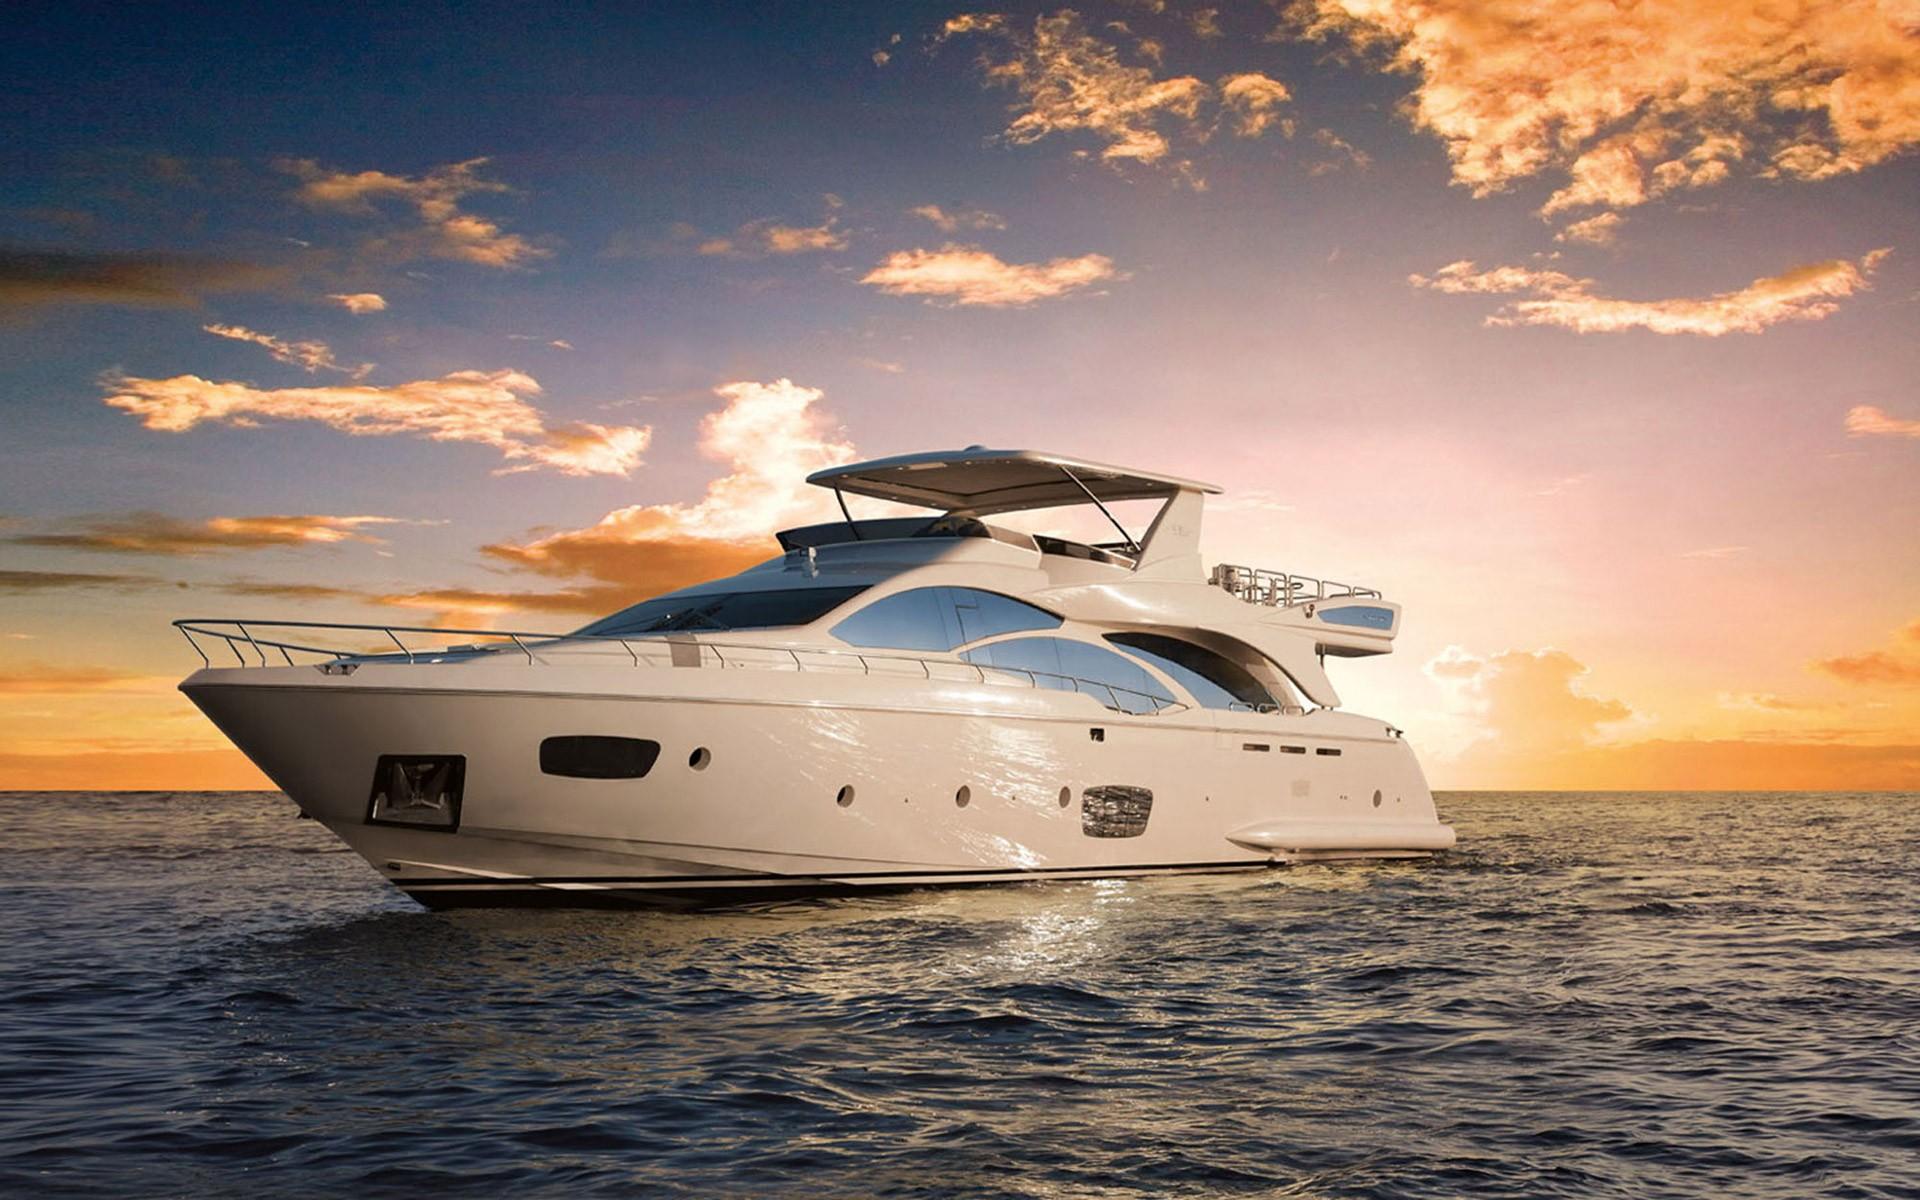 Wallpaper Boat Sea Vehicle Yachts Azimut Watercraft Ecosystem Passenger Ship Luxury Yacht 1920x1200 Ersinozkul 172110 Hd Wallpapers Wallhere